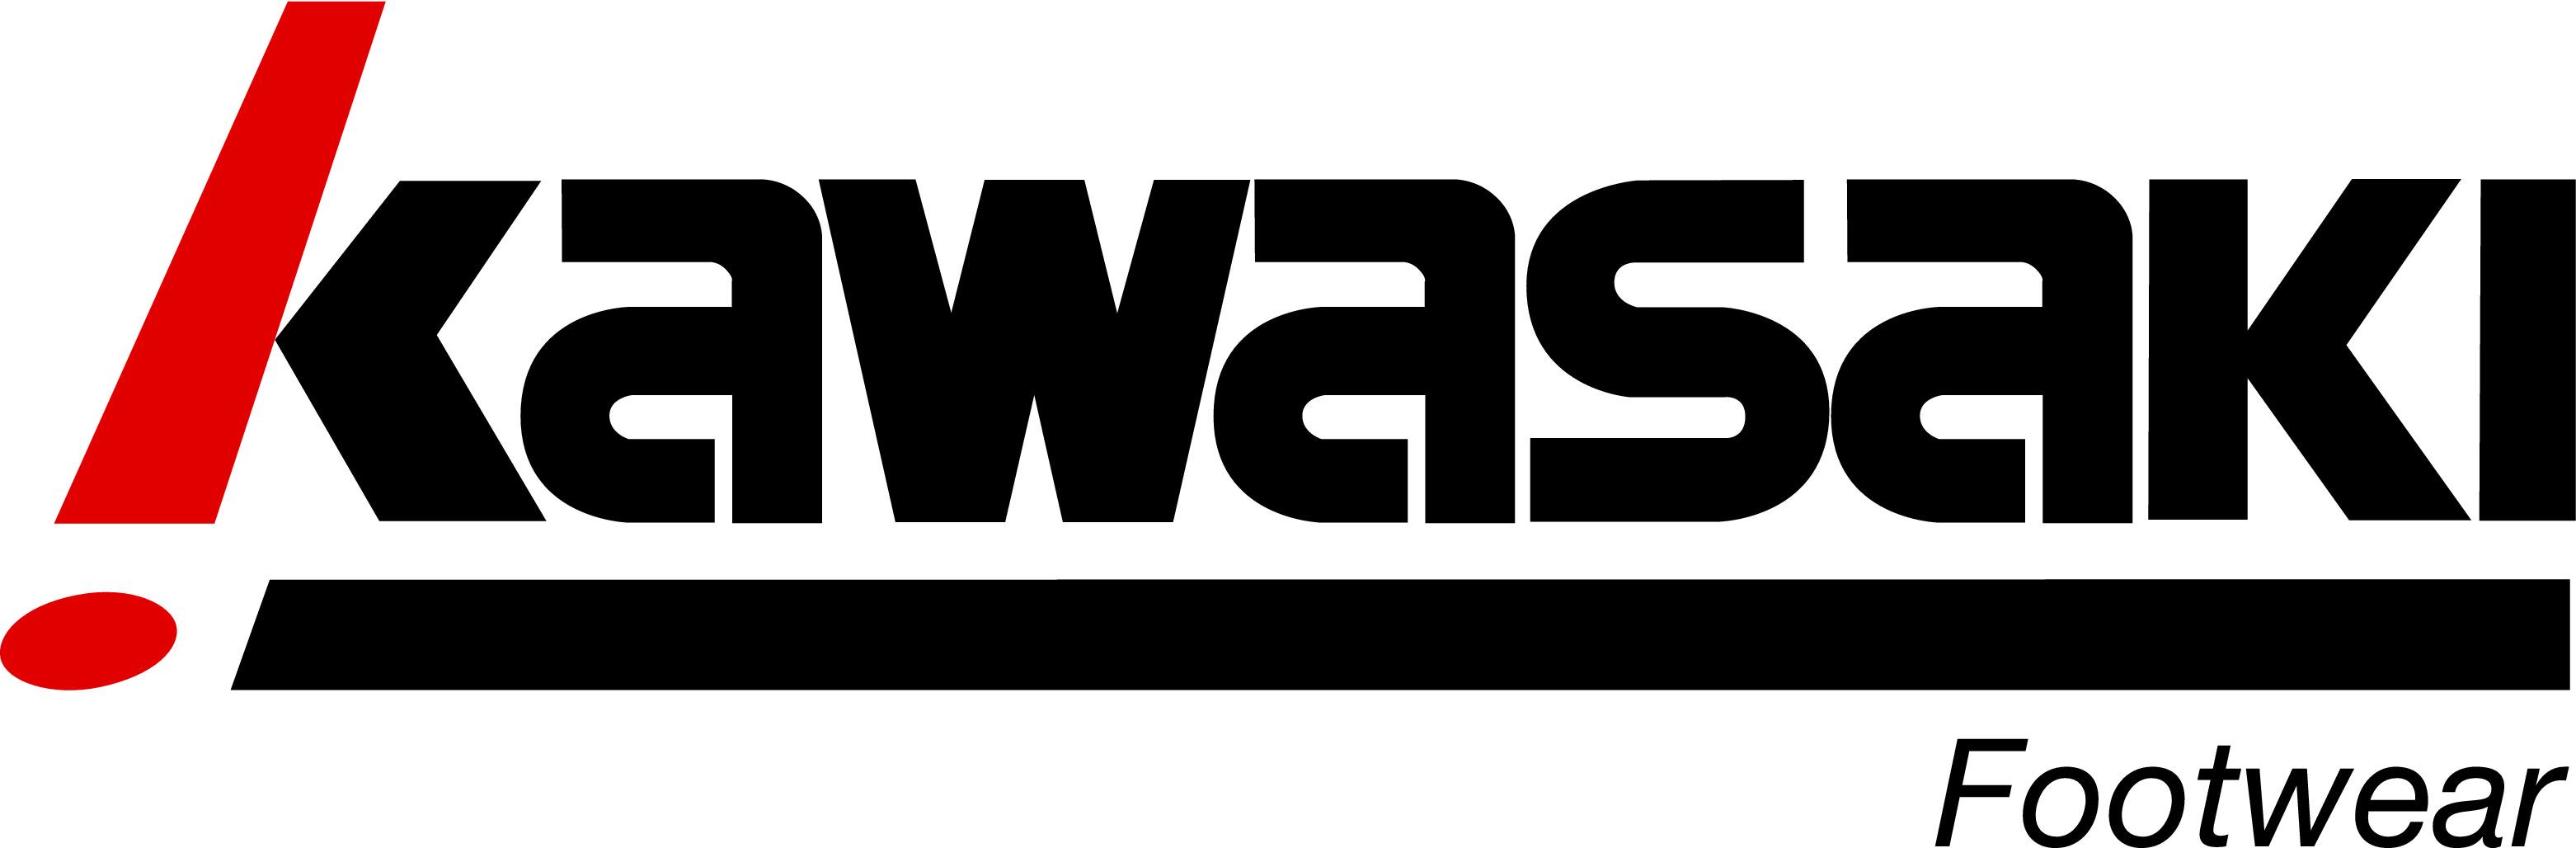 kawasaki-footwear-sko-logo